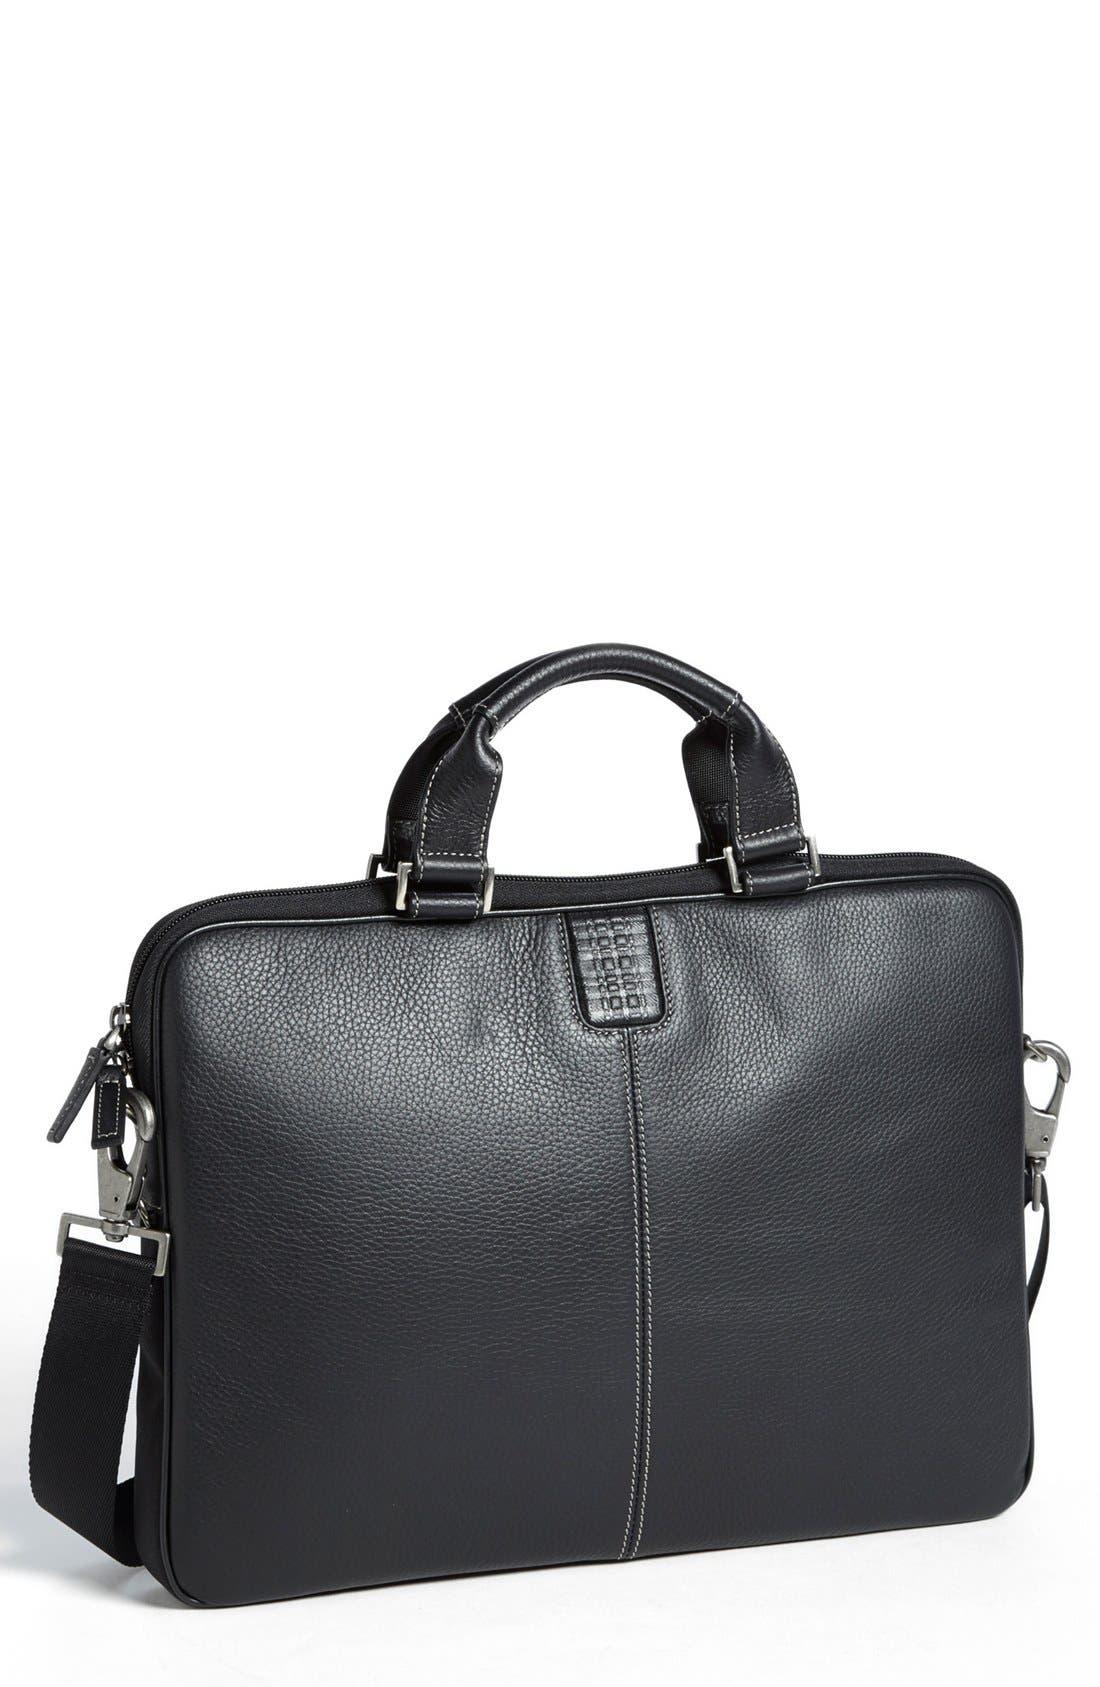 BOCONI 'Tyler' Leather Laptop Briefcase, Main, color, BLACK/ KHAKI